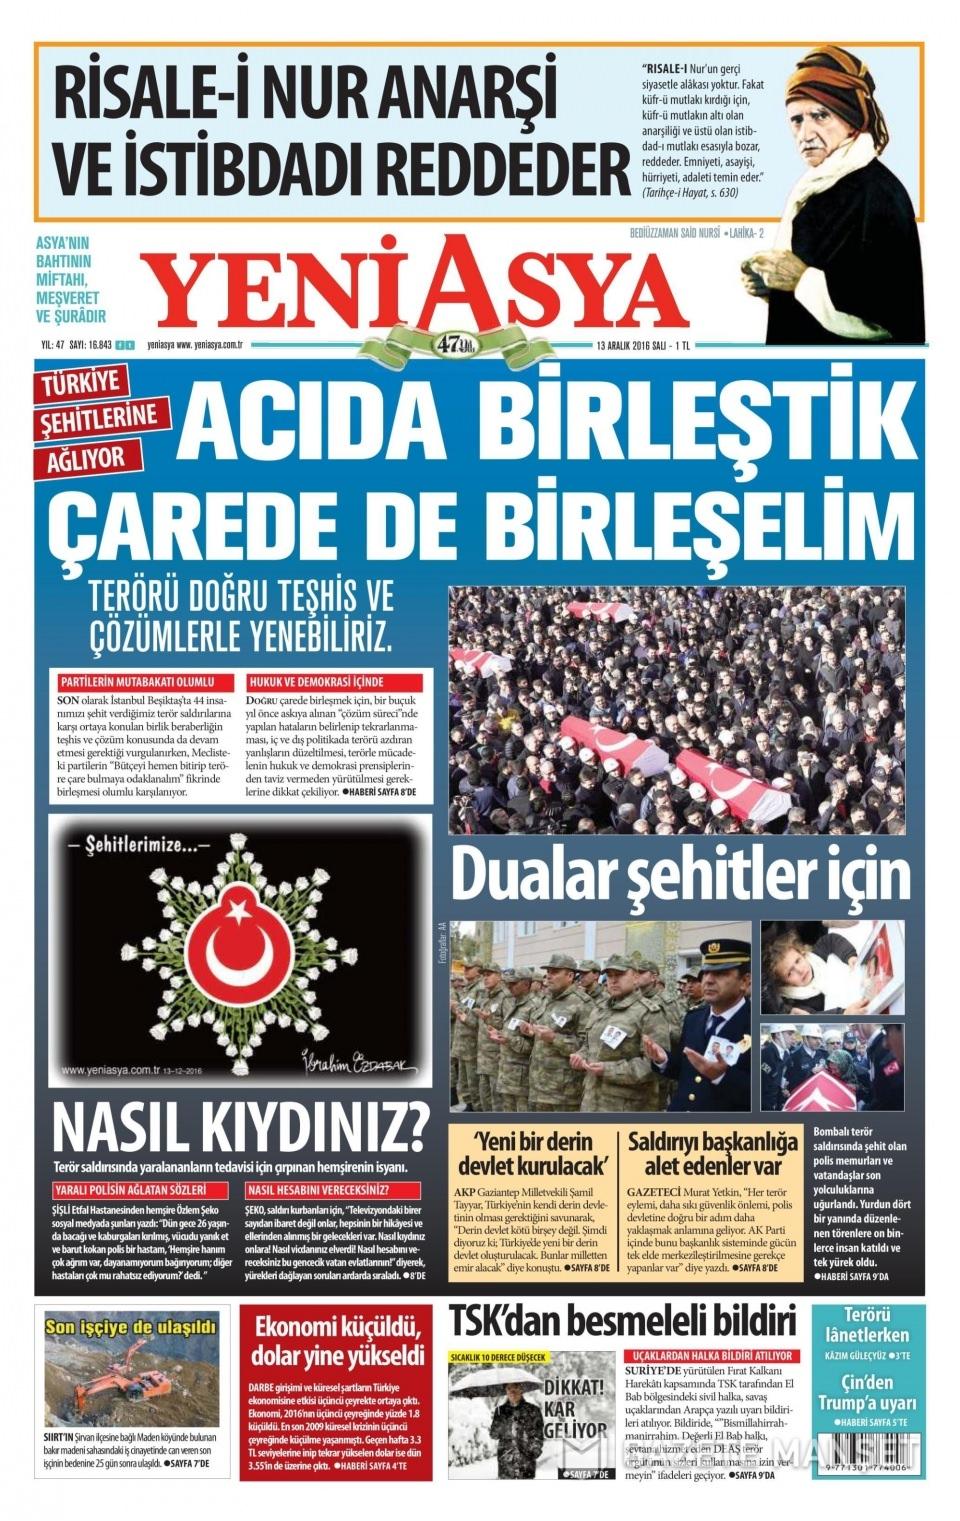 AK Partili Tayyar: Yeni bir derin devlet oluşturulacak, bunlar milletten emir alacak 8